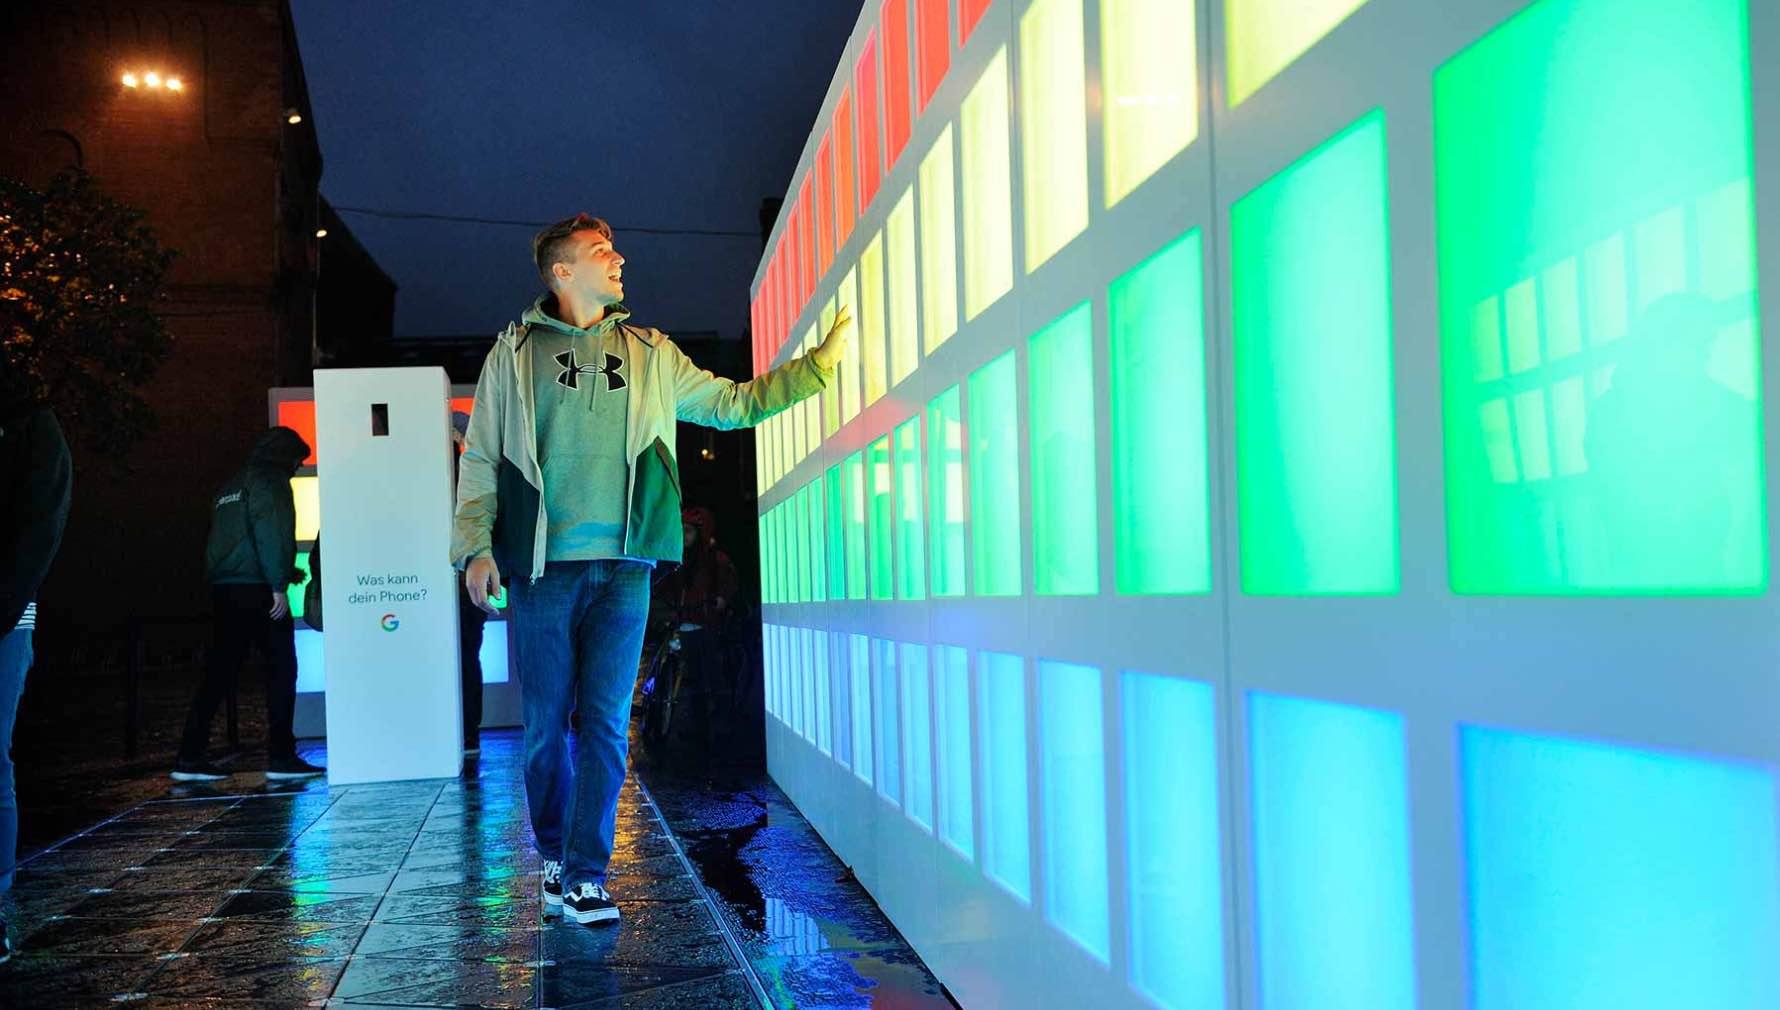 Google Light Installation